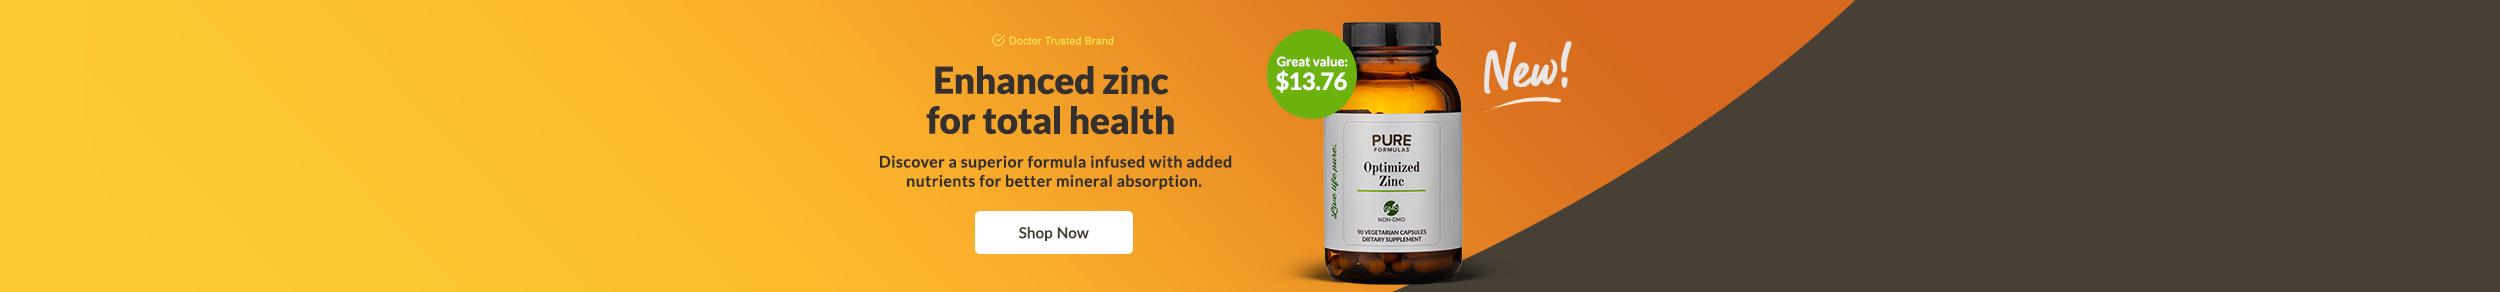 NEW! Optimized Zinc by Pureformulas. Enhanced Zinc for Total Health.